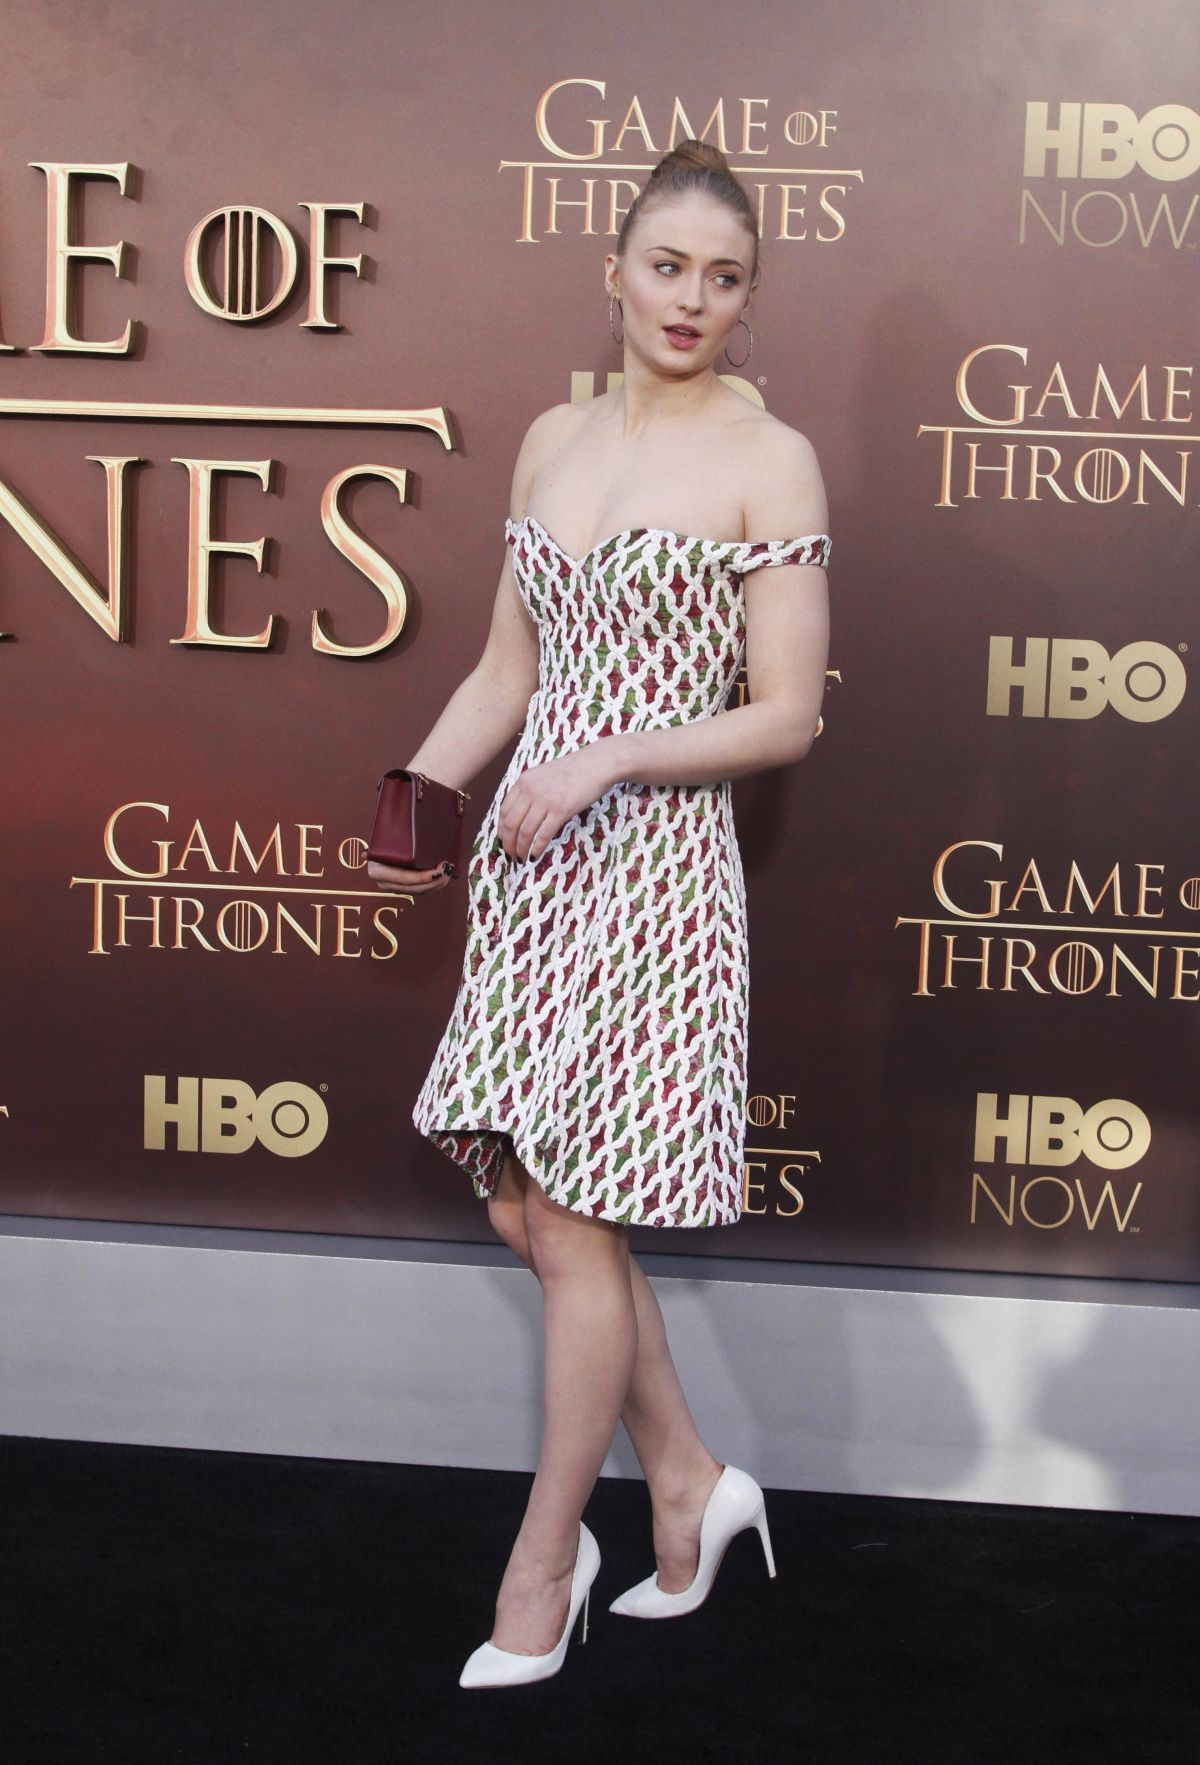 Thrones Premiere Thrones Season 5 Premiere